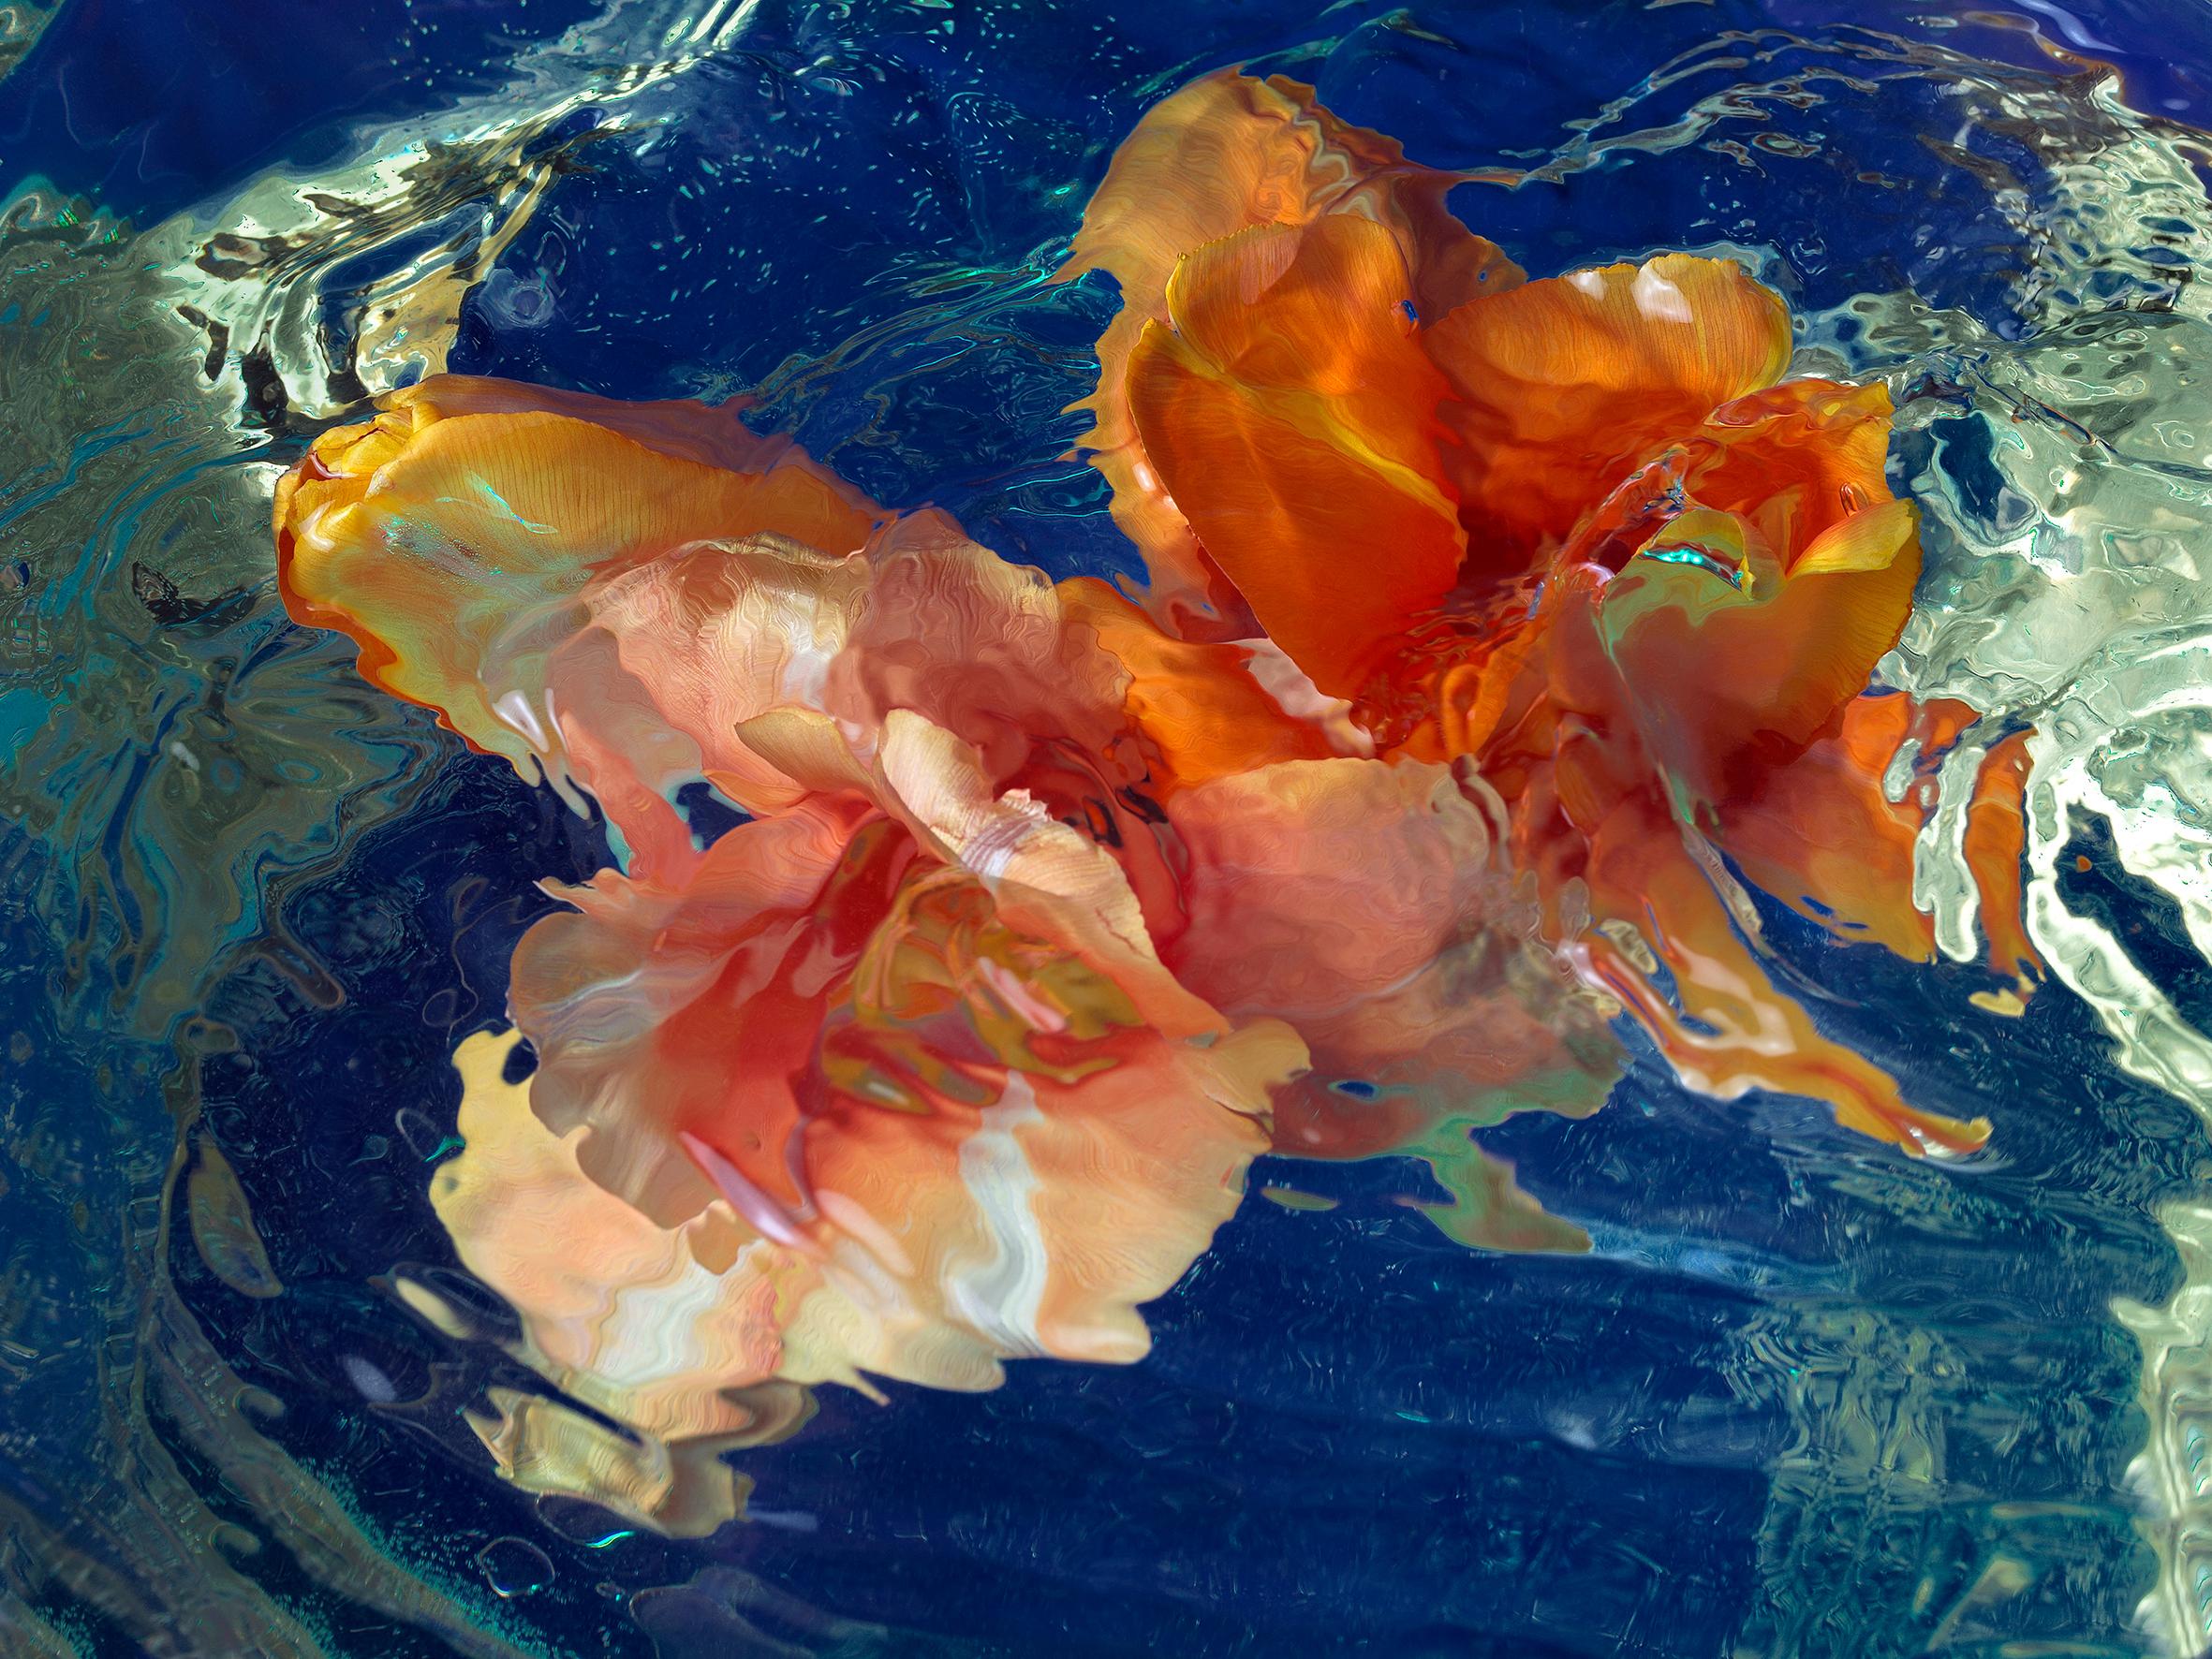 Blossom_Anna-Halm-Schudel_09_Tulpen-Blumenmeer.jpg